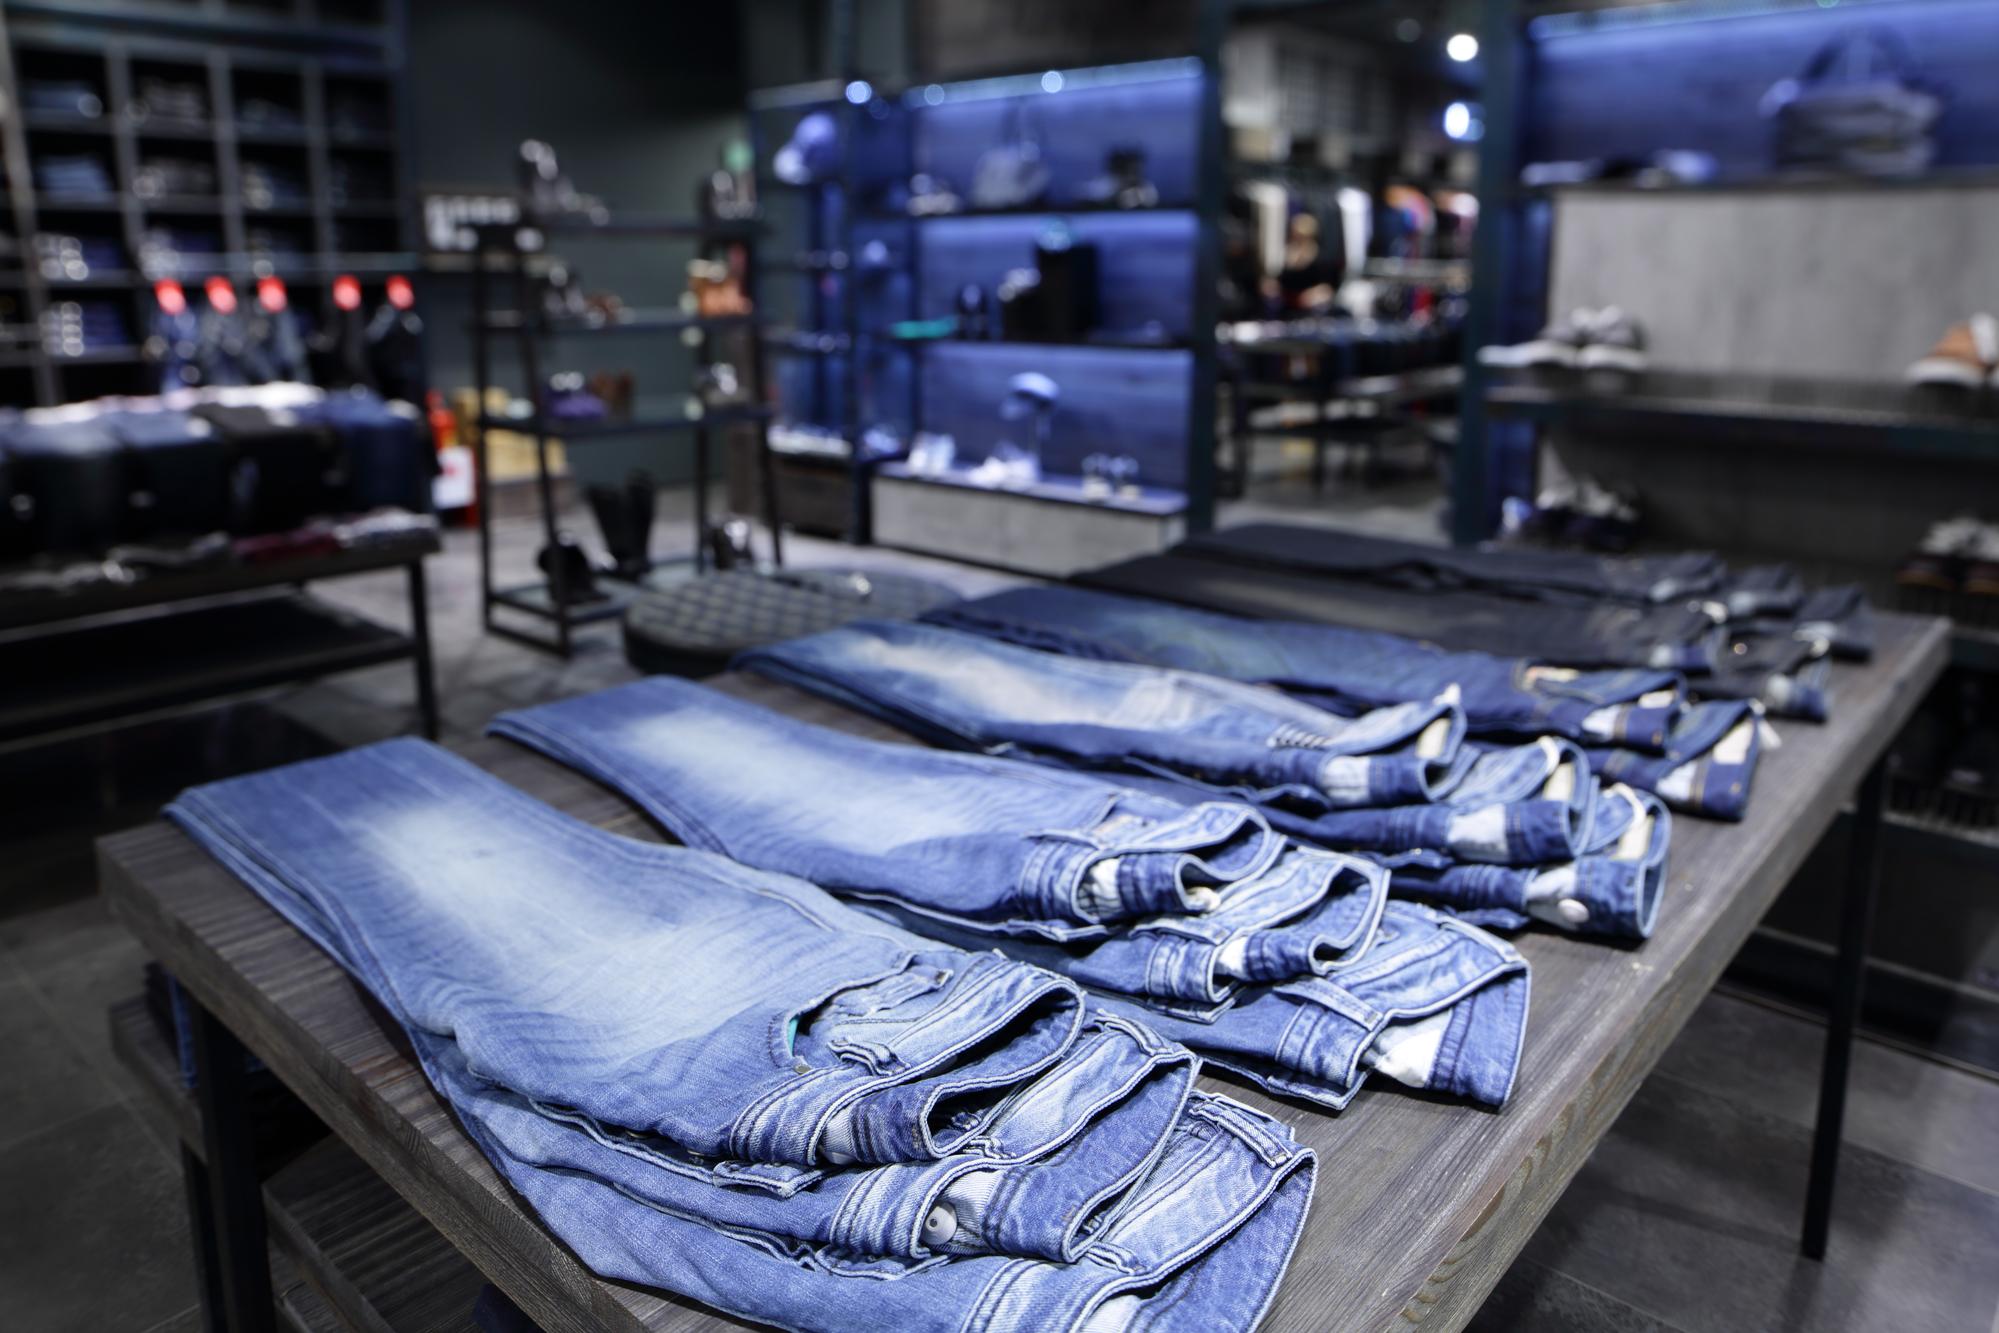 70e825c08 Porque o jeans é a categoria que mais vende na loja de roupas   Blog  Comprar Roupas Atacado